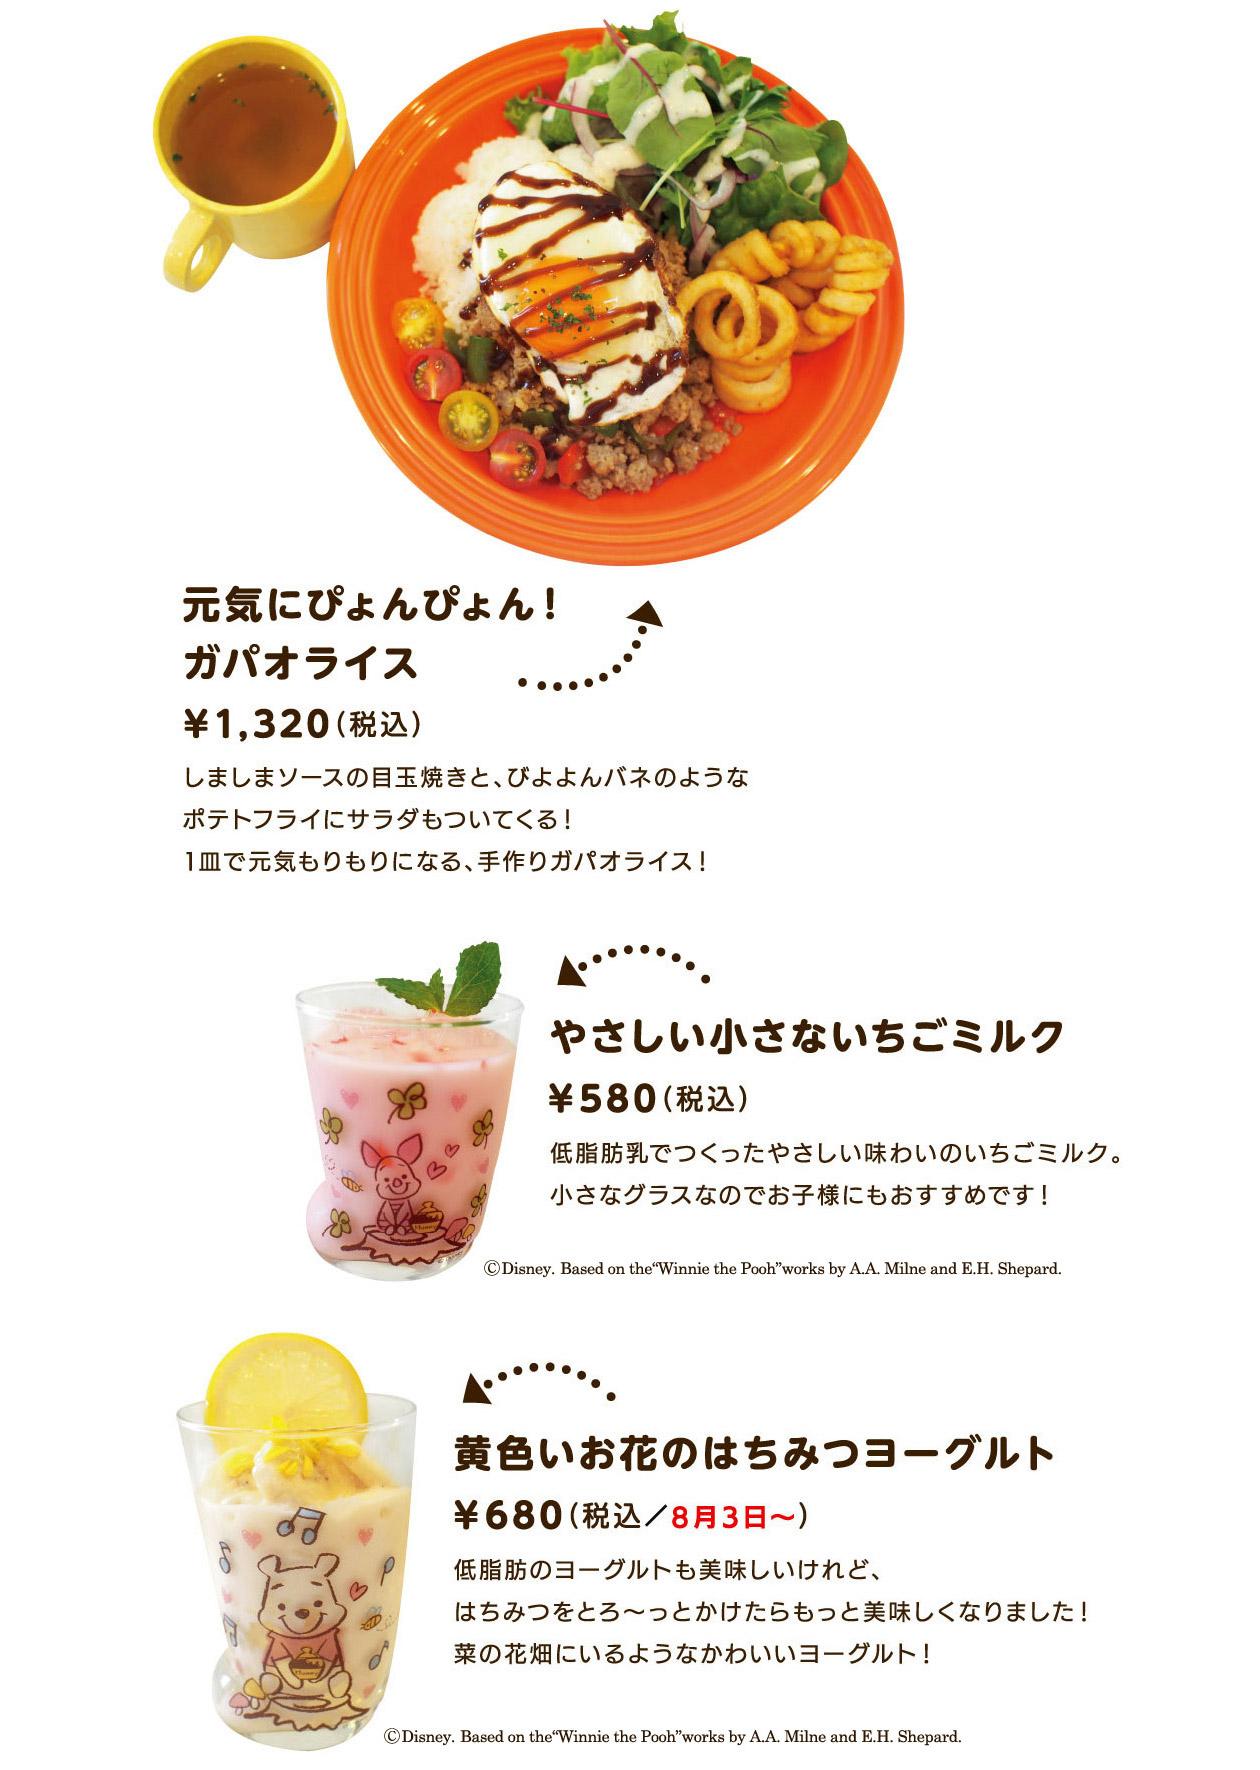 ガパオライス1320円、いちごミルク580円、はちみつヨーグルト680円(8/3から)